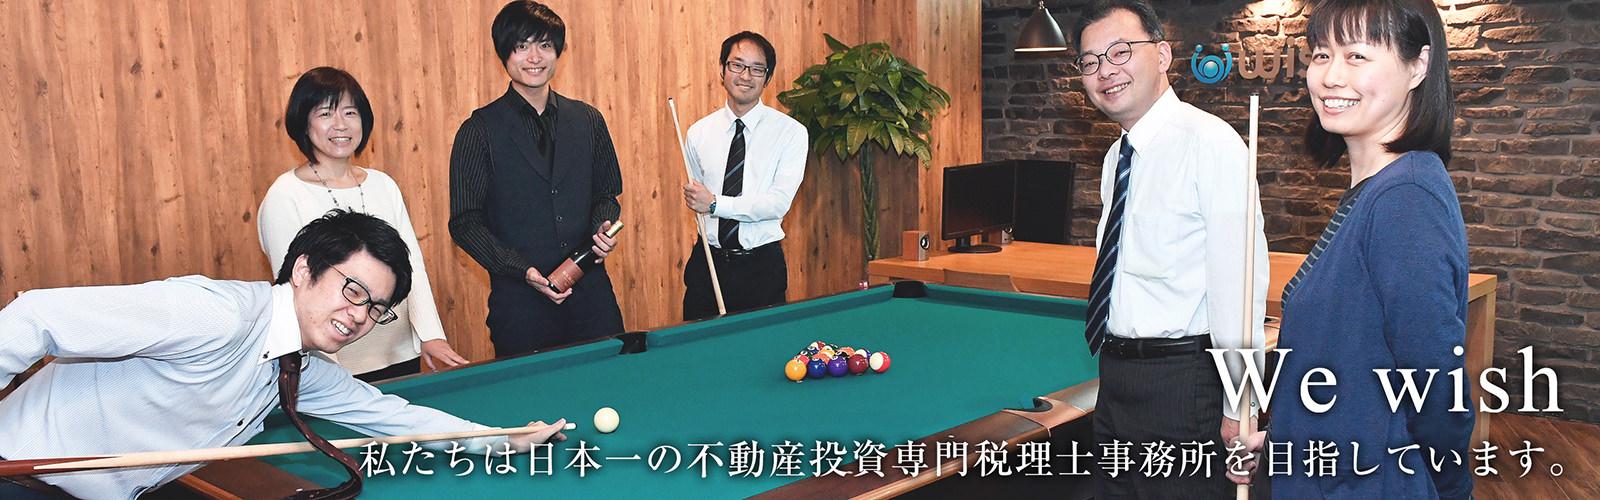 日本一の不動産投資専門税理士事務所を目指しています。